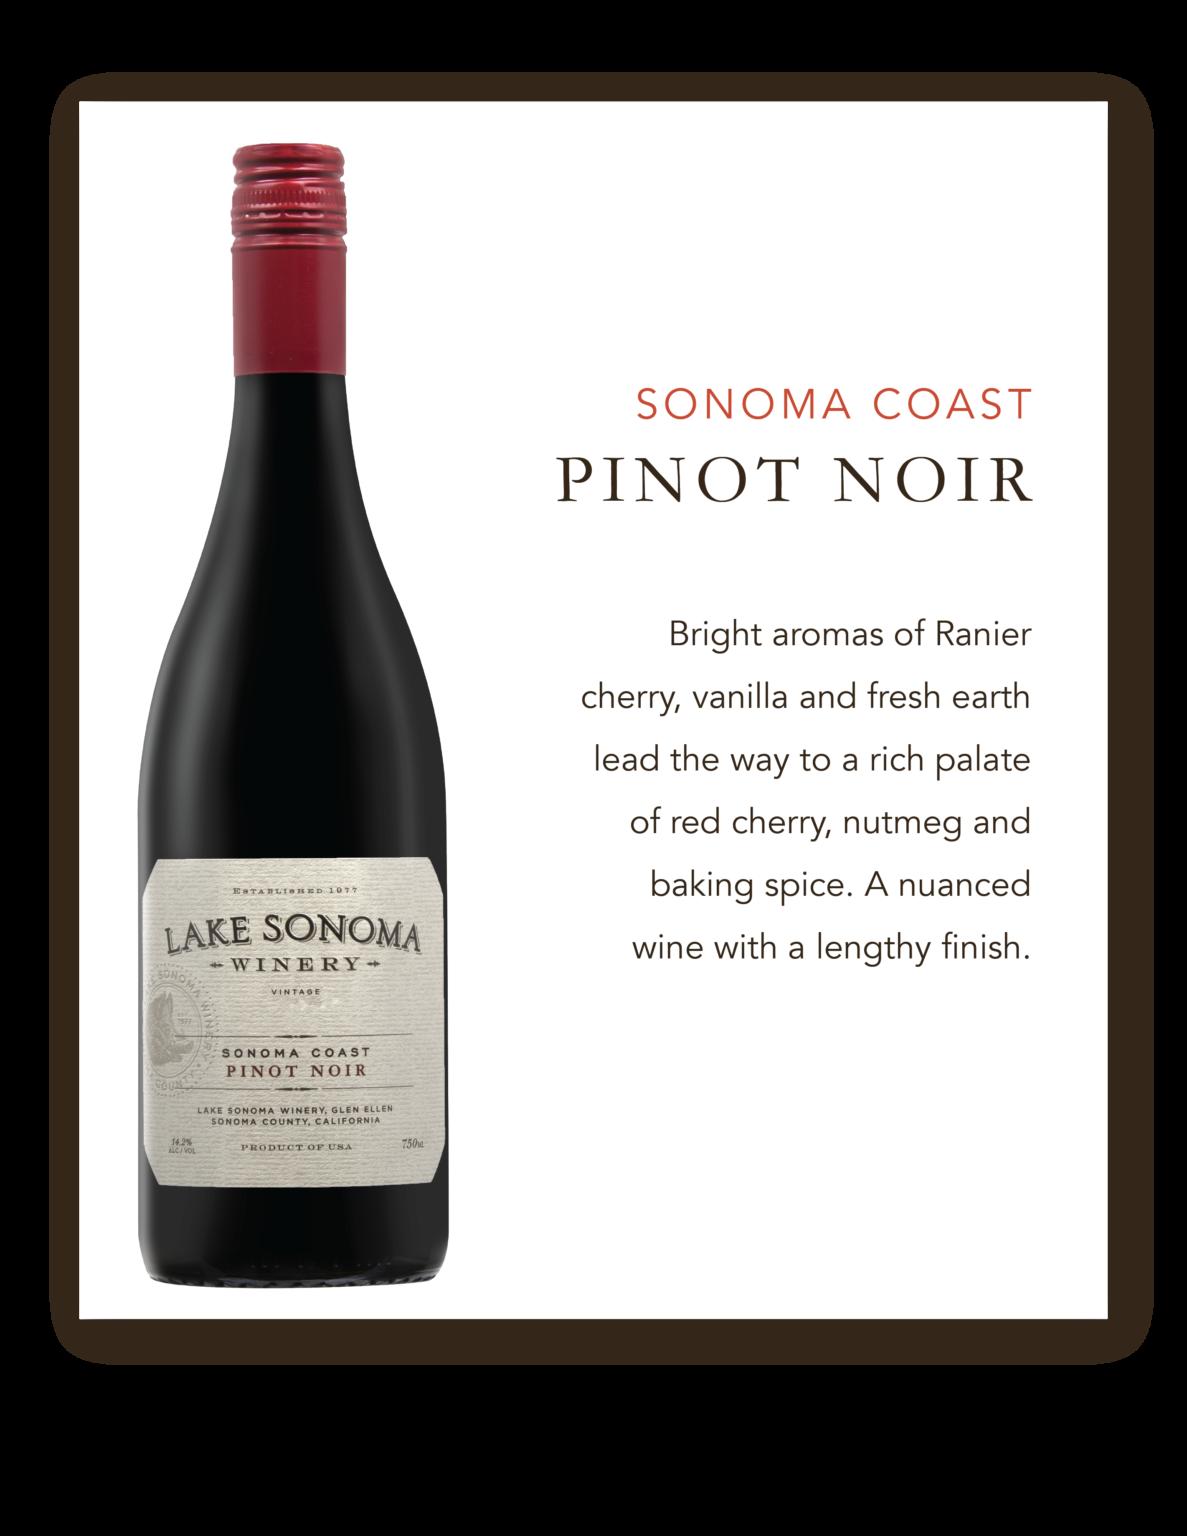 Lake Sonoma Pinot Noir